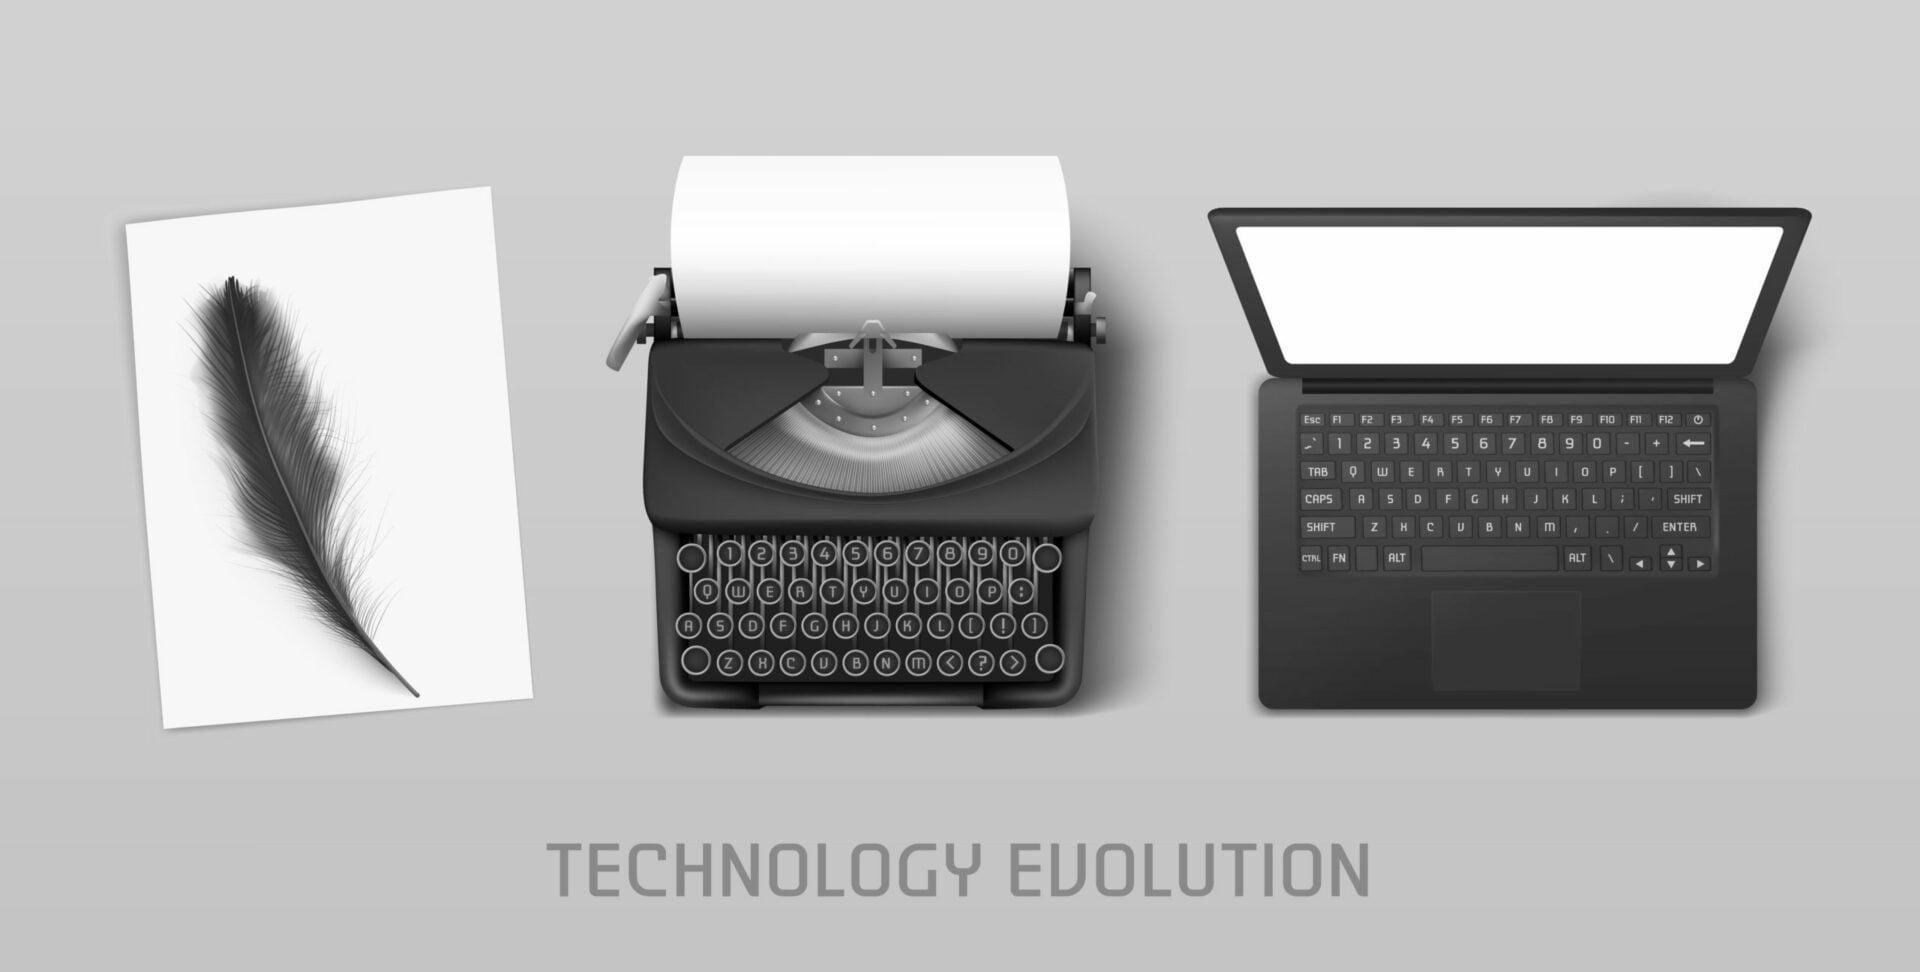 Die Evolution des PCs: Vom Rechenschieber zum Laptop! / Vom Altertum in die Zukunft!